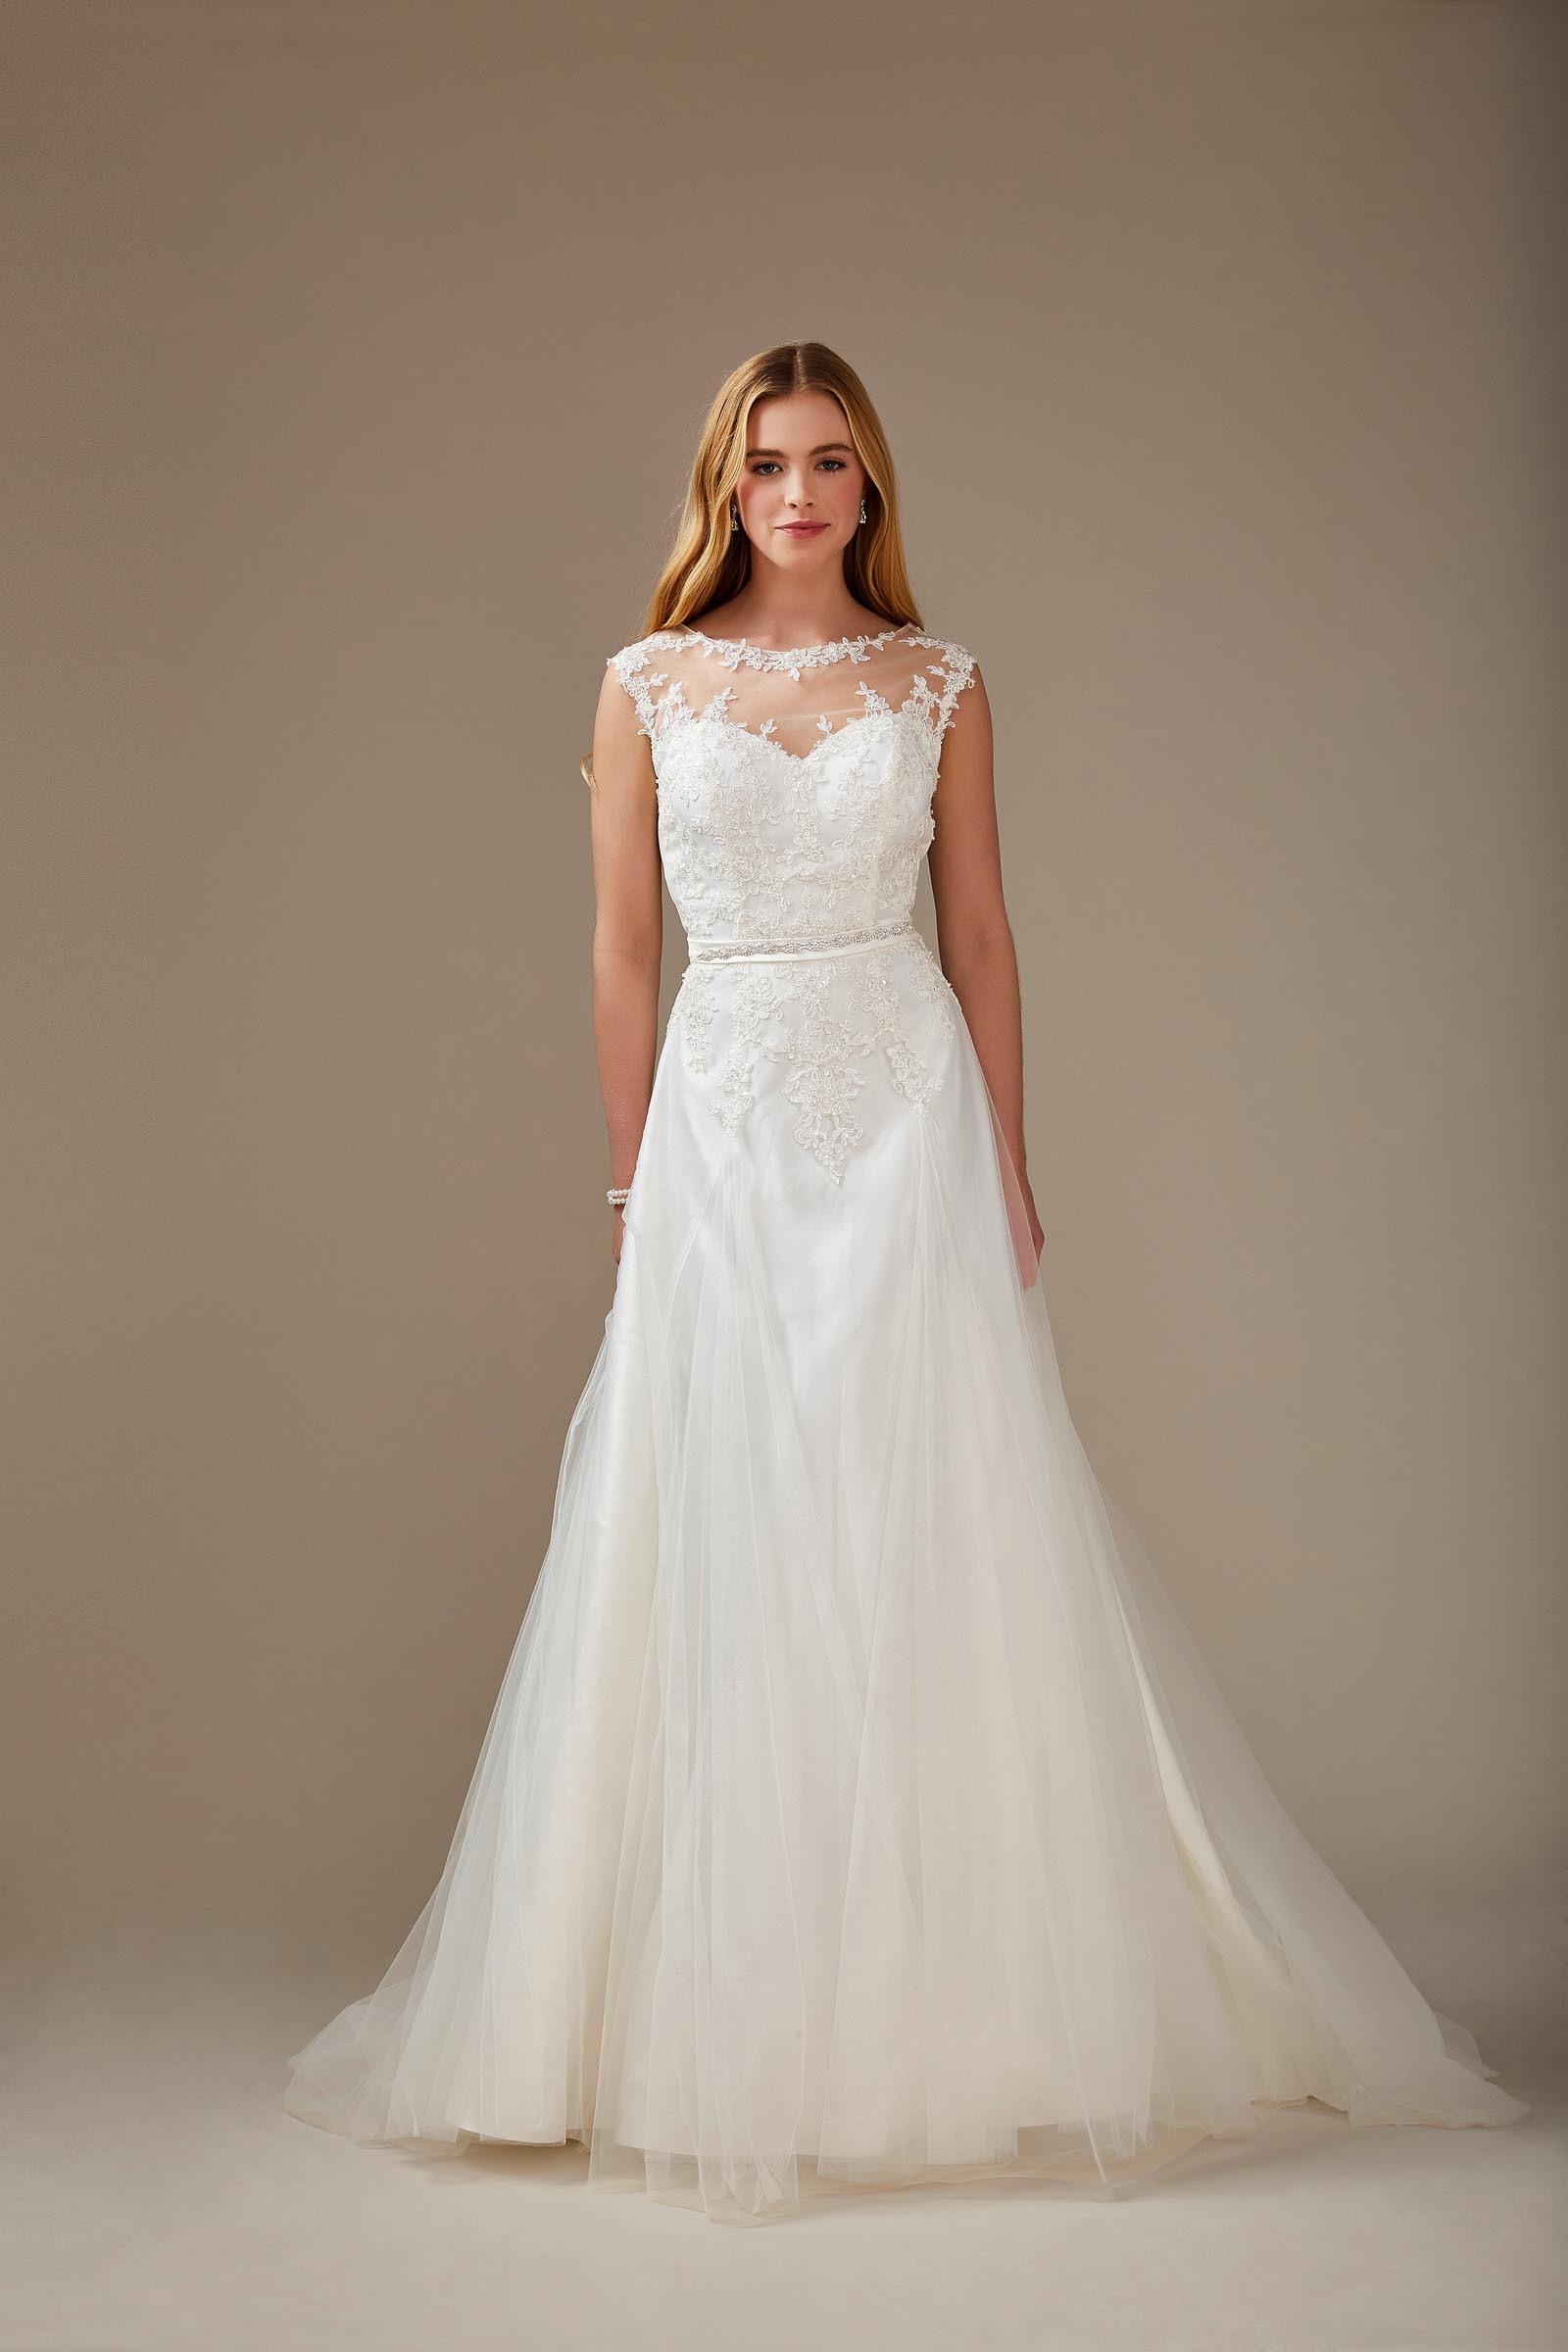 13 Genial Weise Brautkleider Spezialgebiet15 Fantastisch Weise Brautkleider Bester Preis